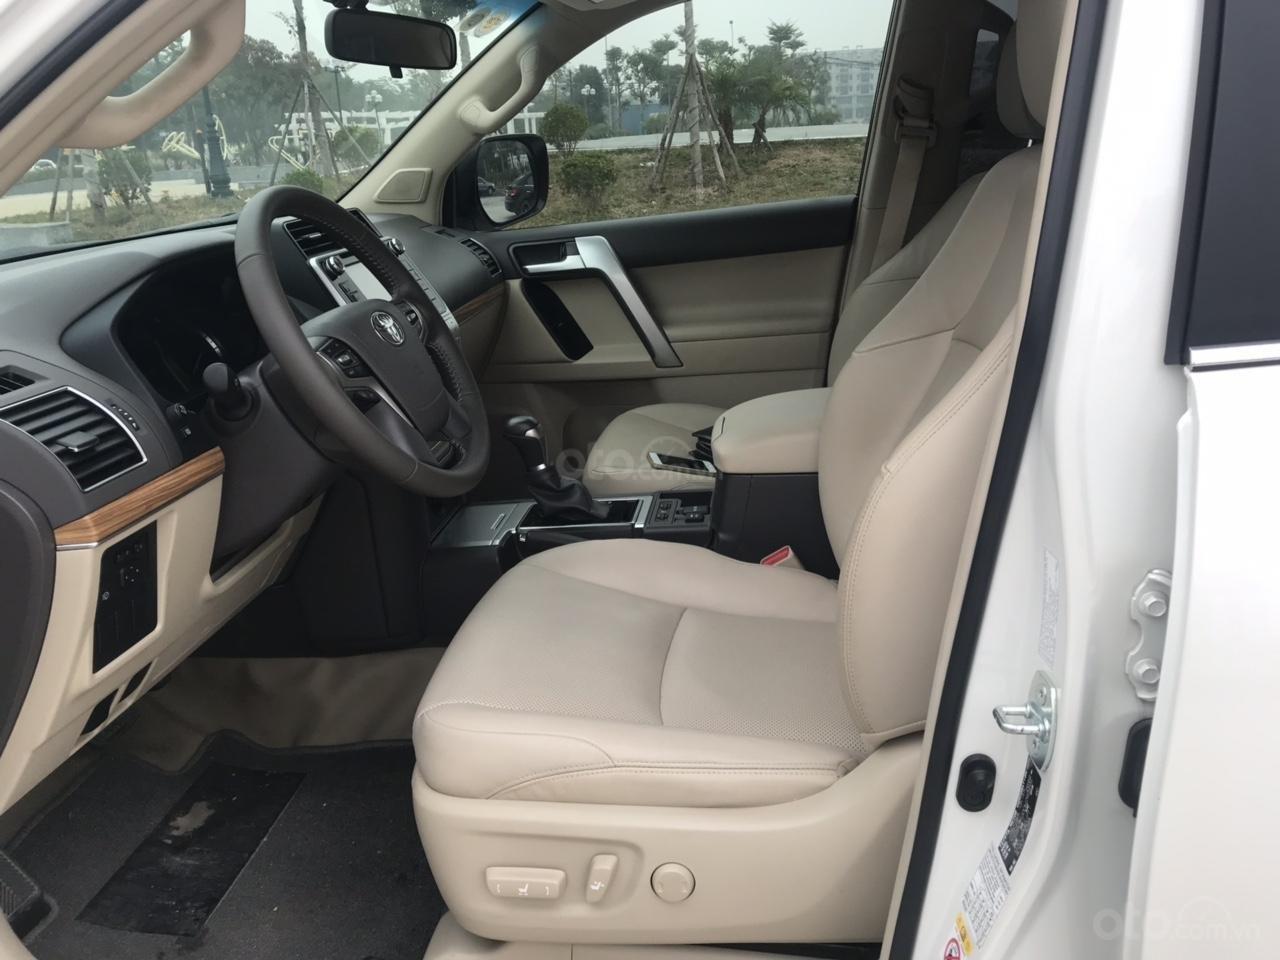 Cần bán xe Toyota Prado đời 2018, màu trắng, xe siêu lướt thơm mùi mới - Liên hệ: 094-711-6996 Mr Thanh-5